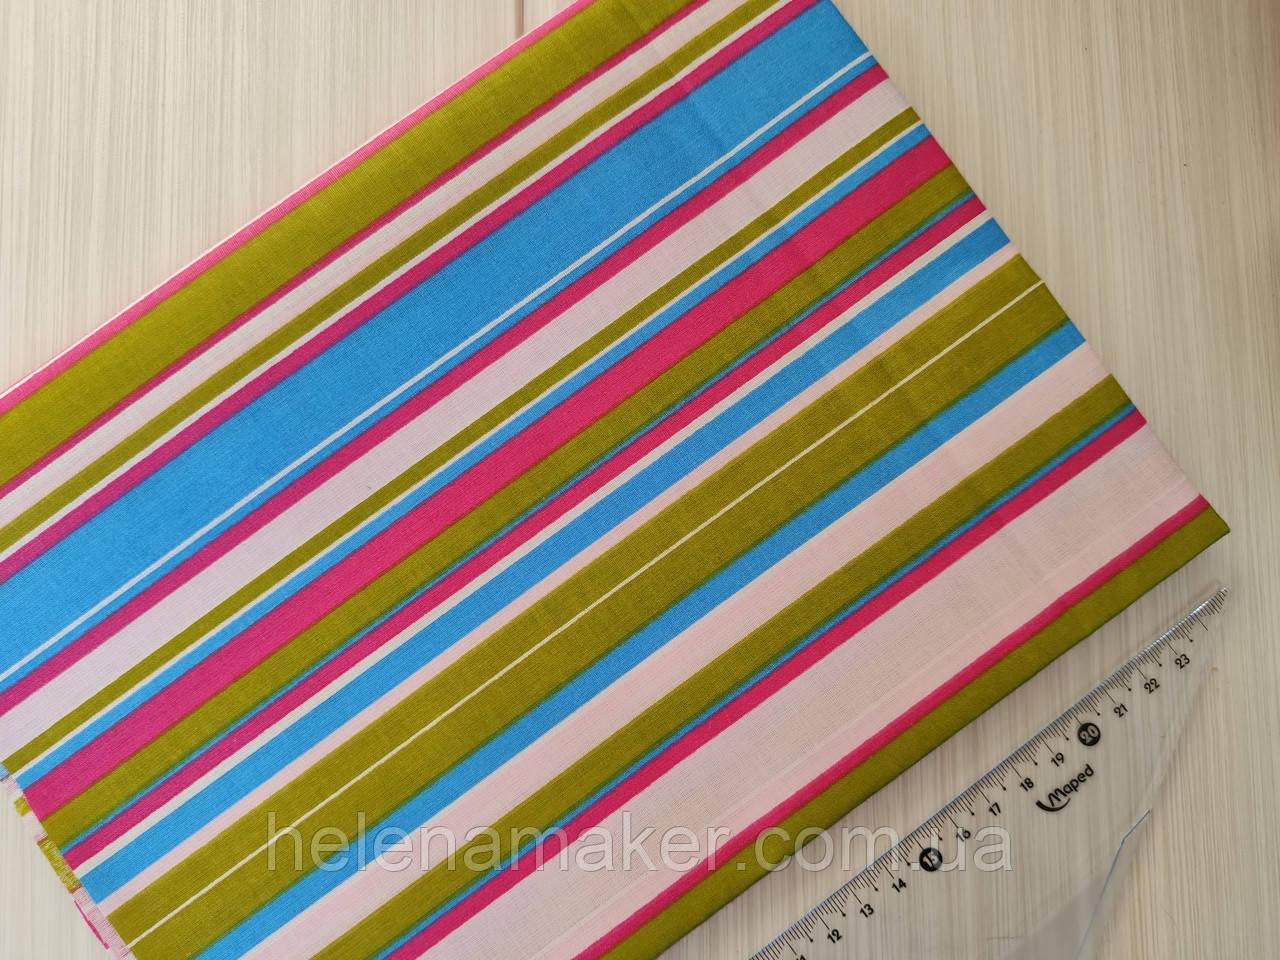 Отрез хлопковой ткани Разноцветная полоска - отрез 50*50 см